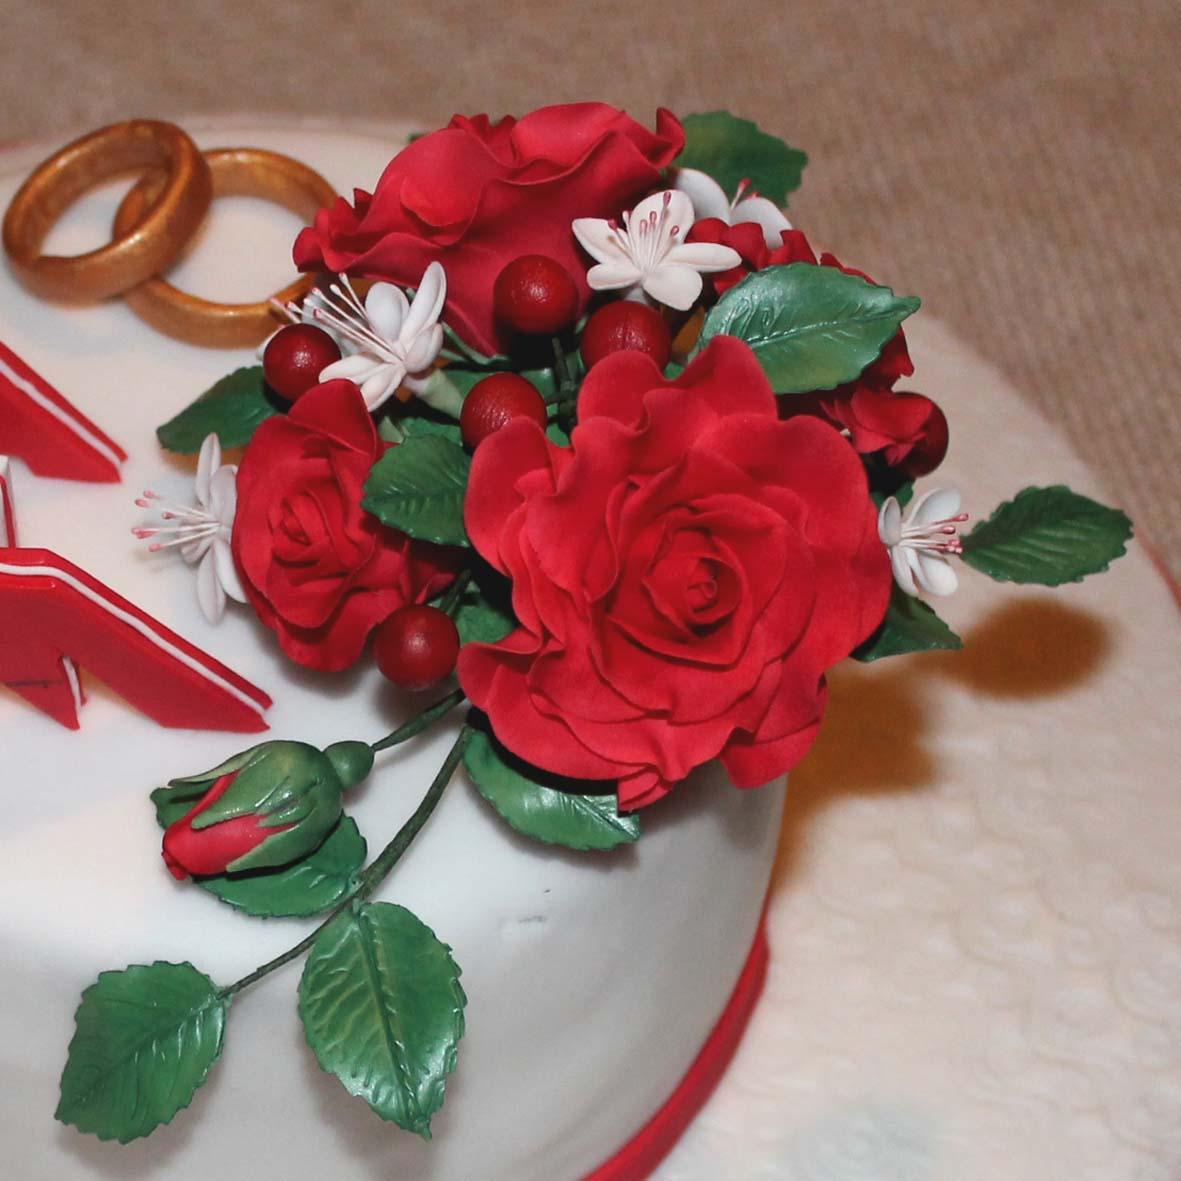 besondere anl sse 1 torte mit rosen und buchstaben zum hochzeitstag. Black Bedroom Furniture Sets. Home Design Ideas